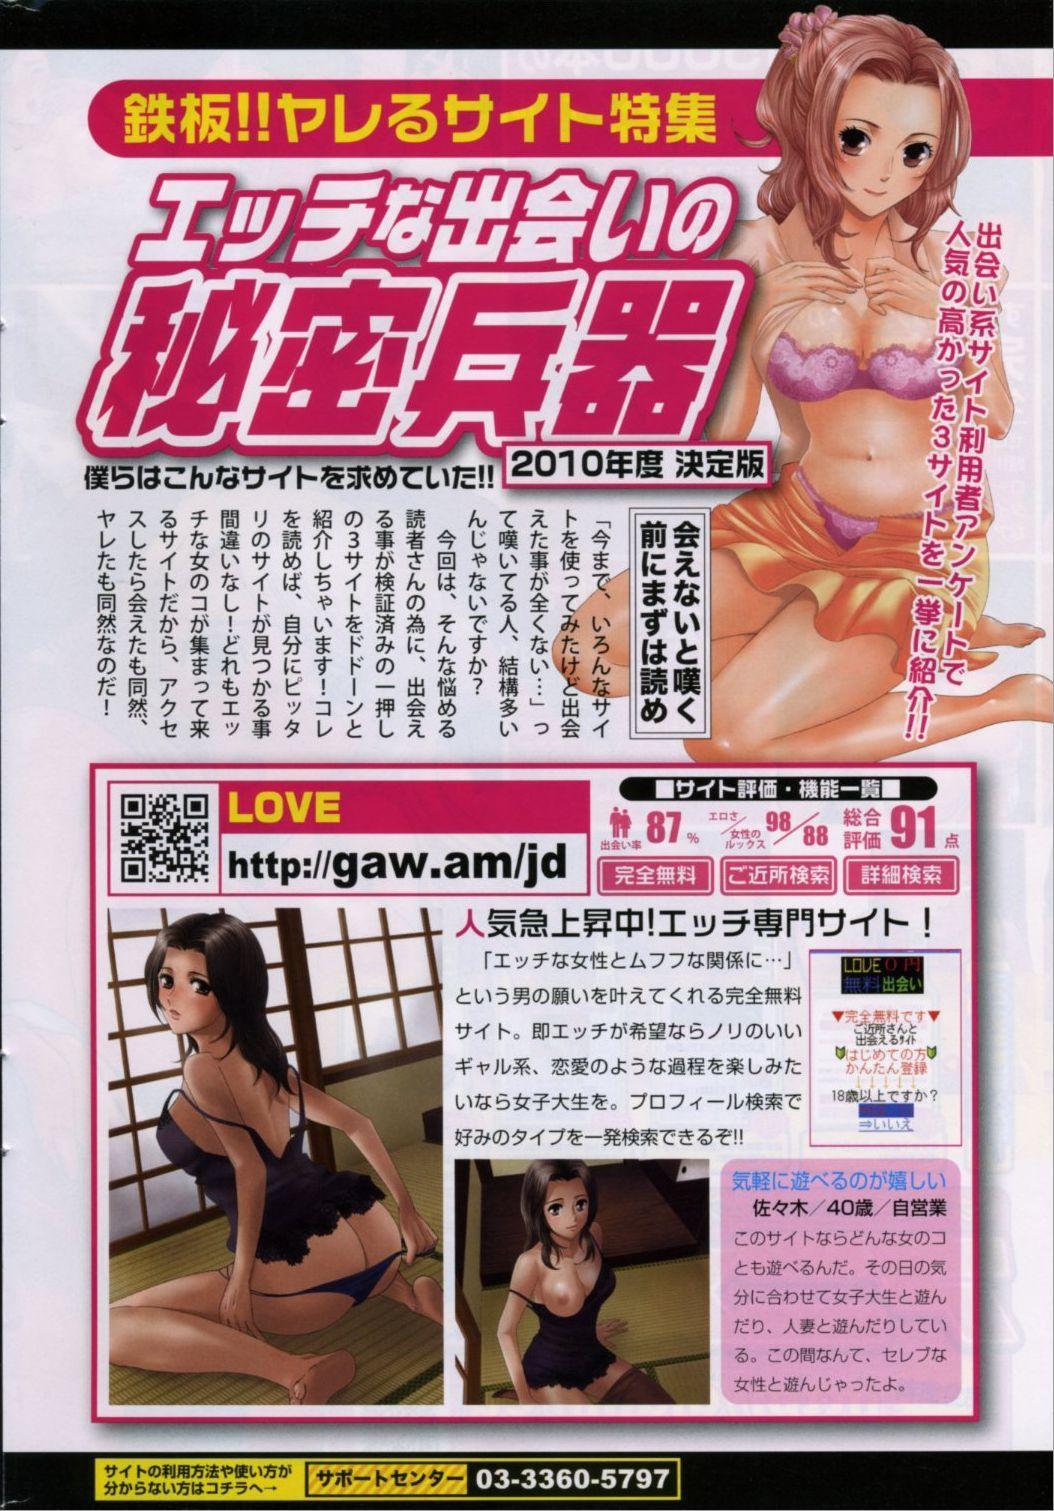 COMIC Bazooka 2010-03 239